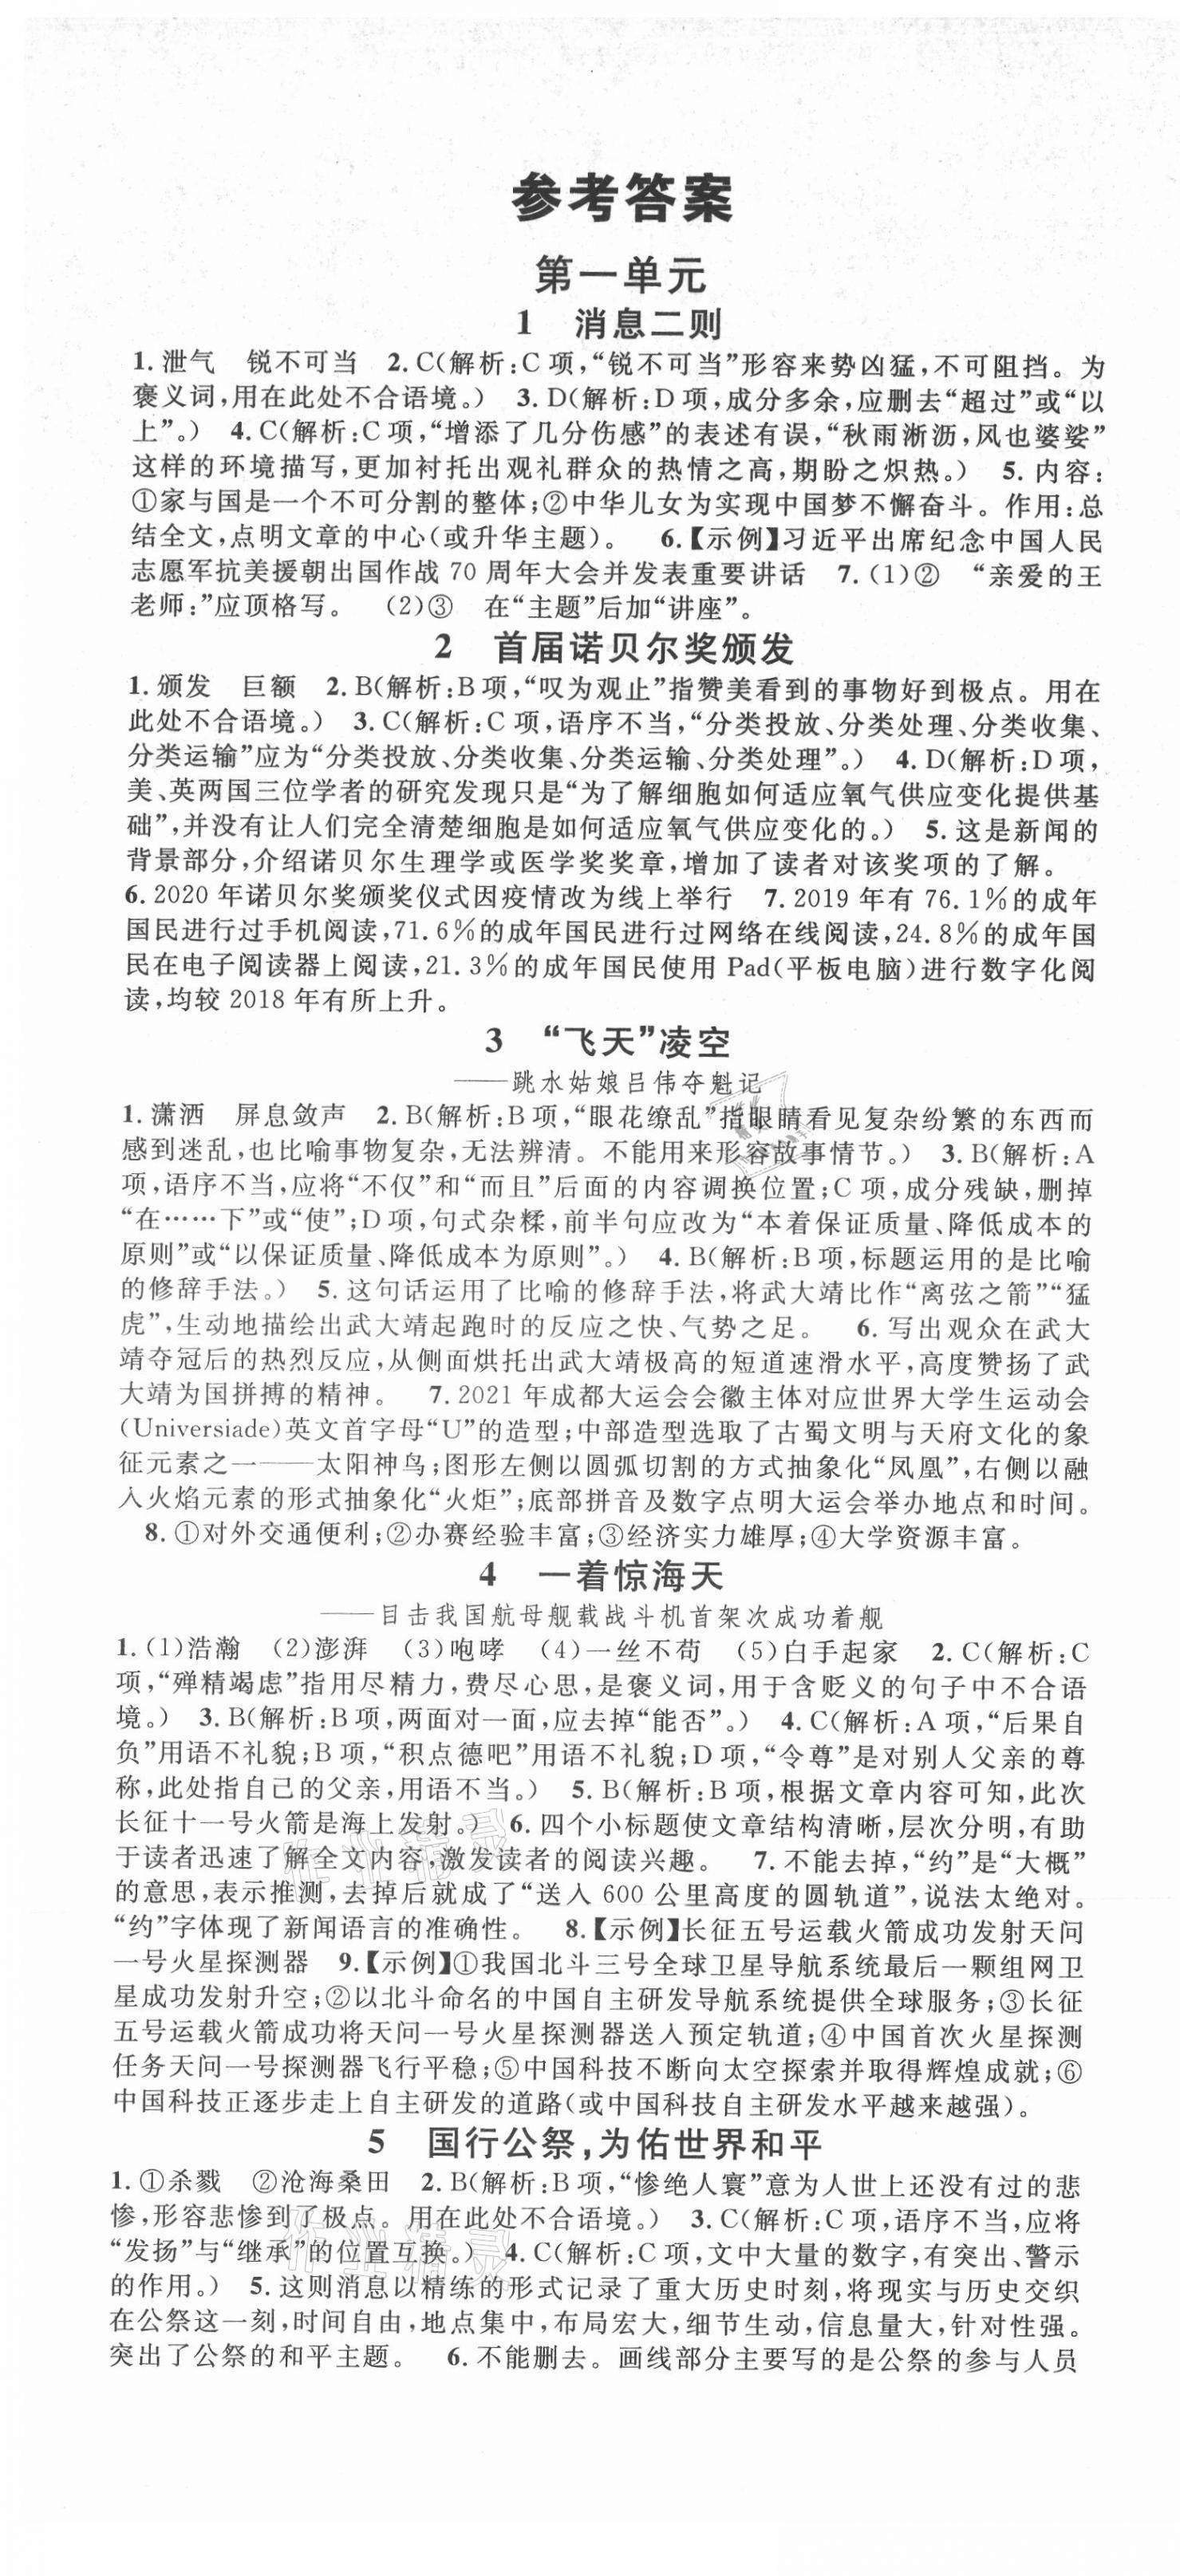 2021年名校课堂八年级语文上册人教版8贵阳专版第1页